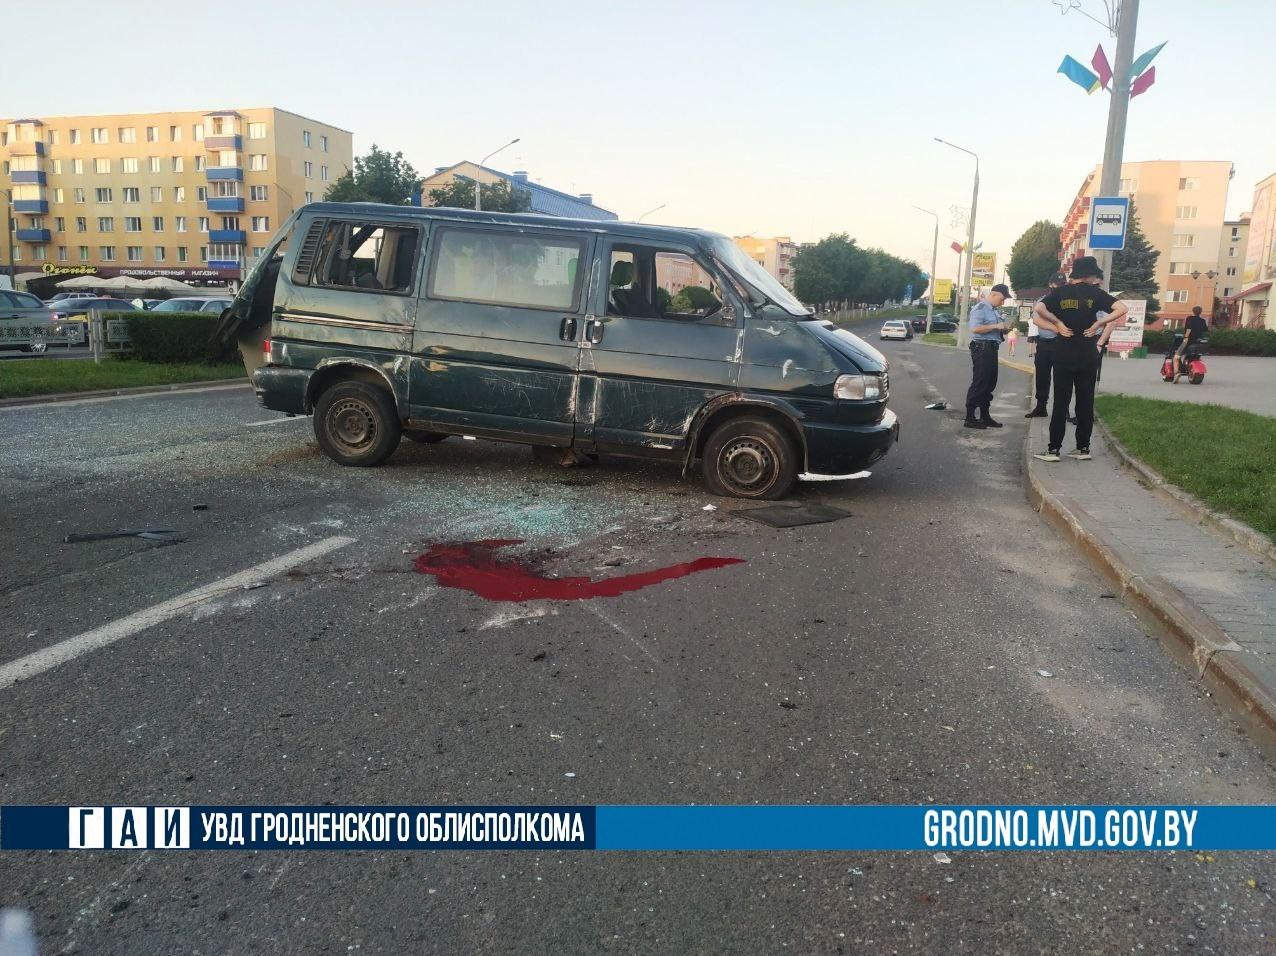 В Лиде произошло страшное ДТП в центре: Audi на перекрестке протаранила микроавтобус